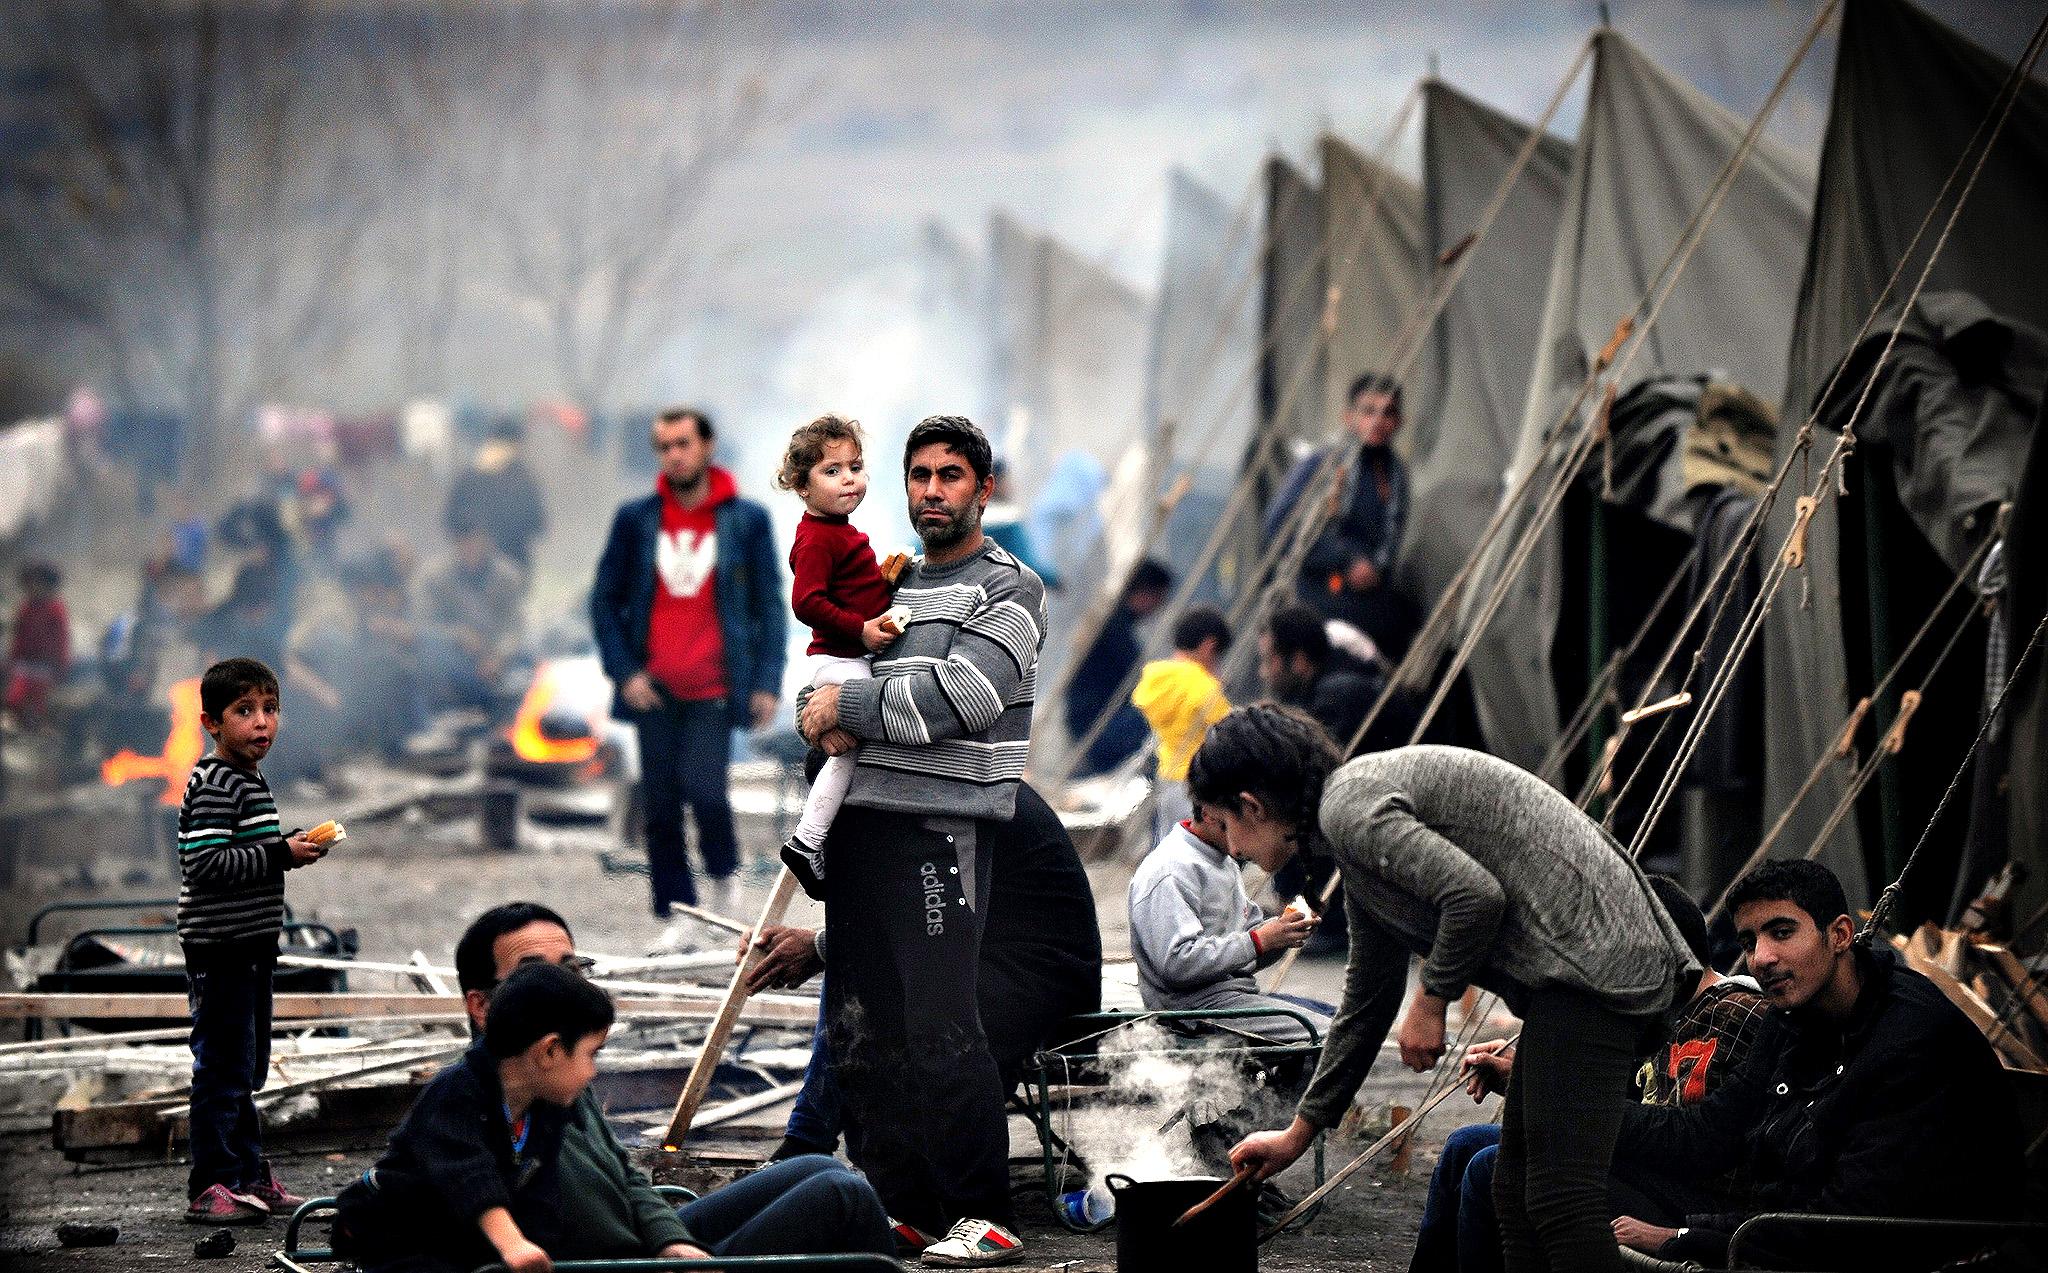 خمسة خيارات سياسية للتعامل مع مشكلة اللاجئين السوريين